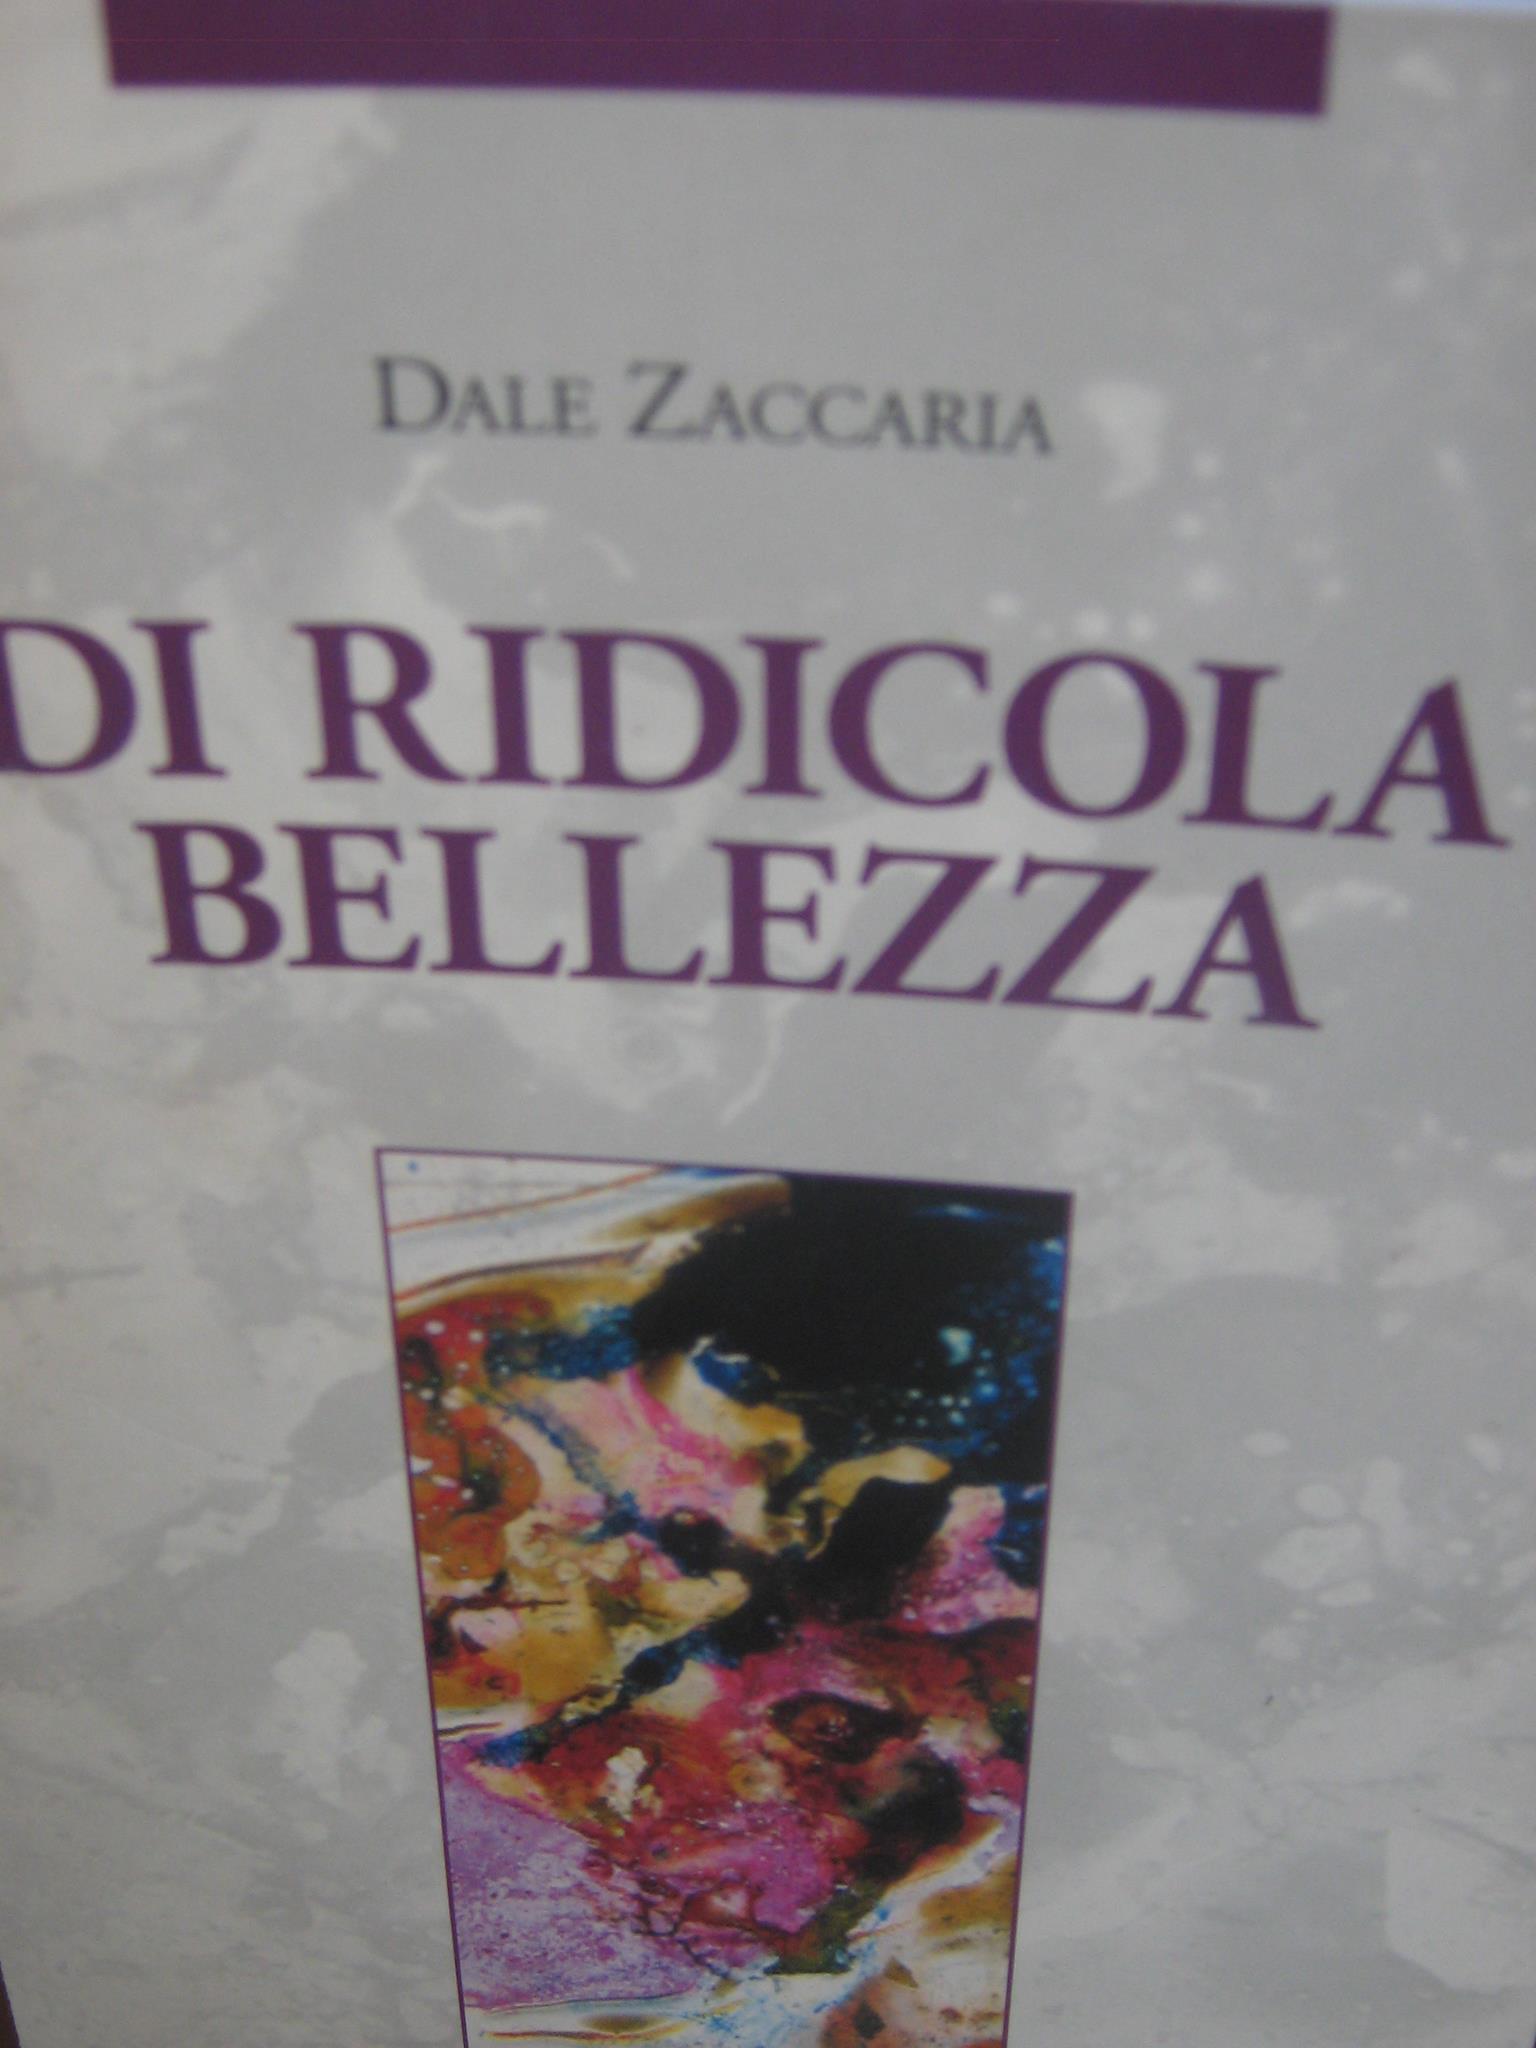 Di Ridicola Bellezza_Dale Zaccaria